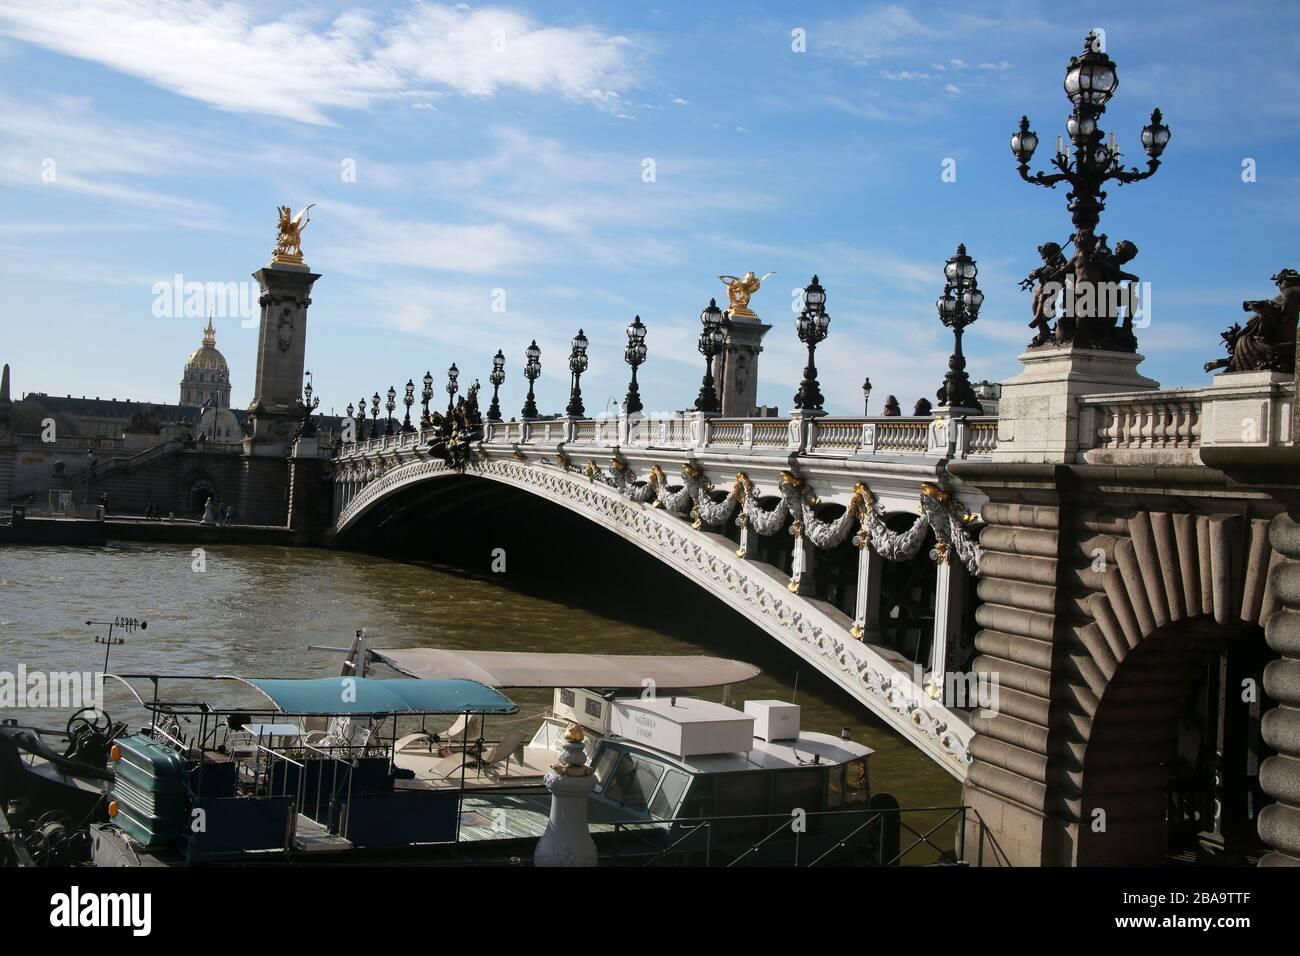 The River Seine, Paris, France Stock Photo